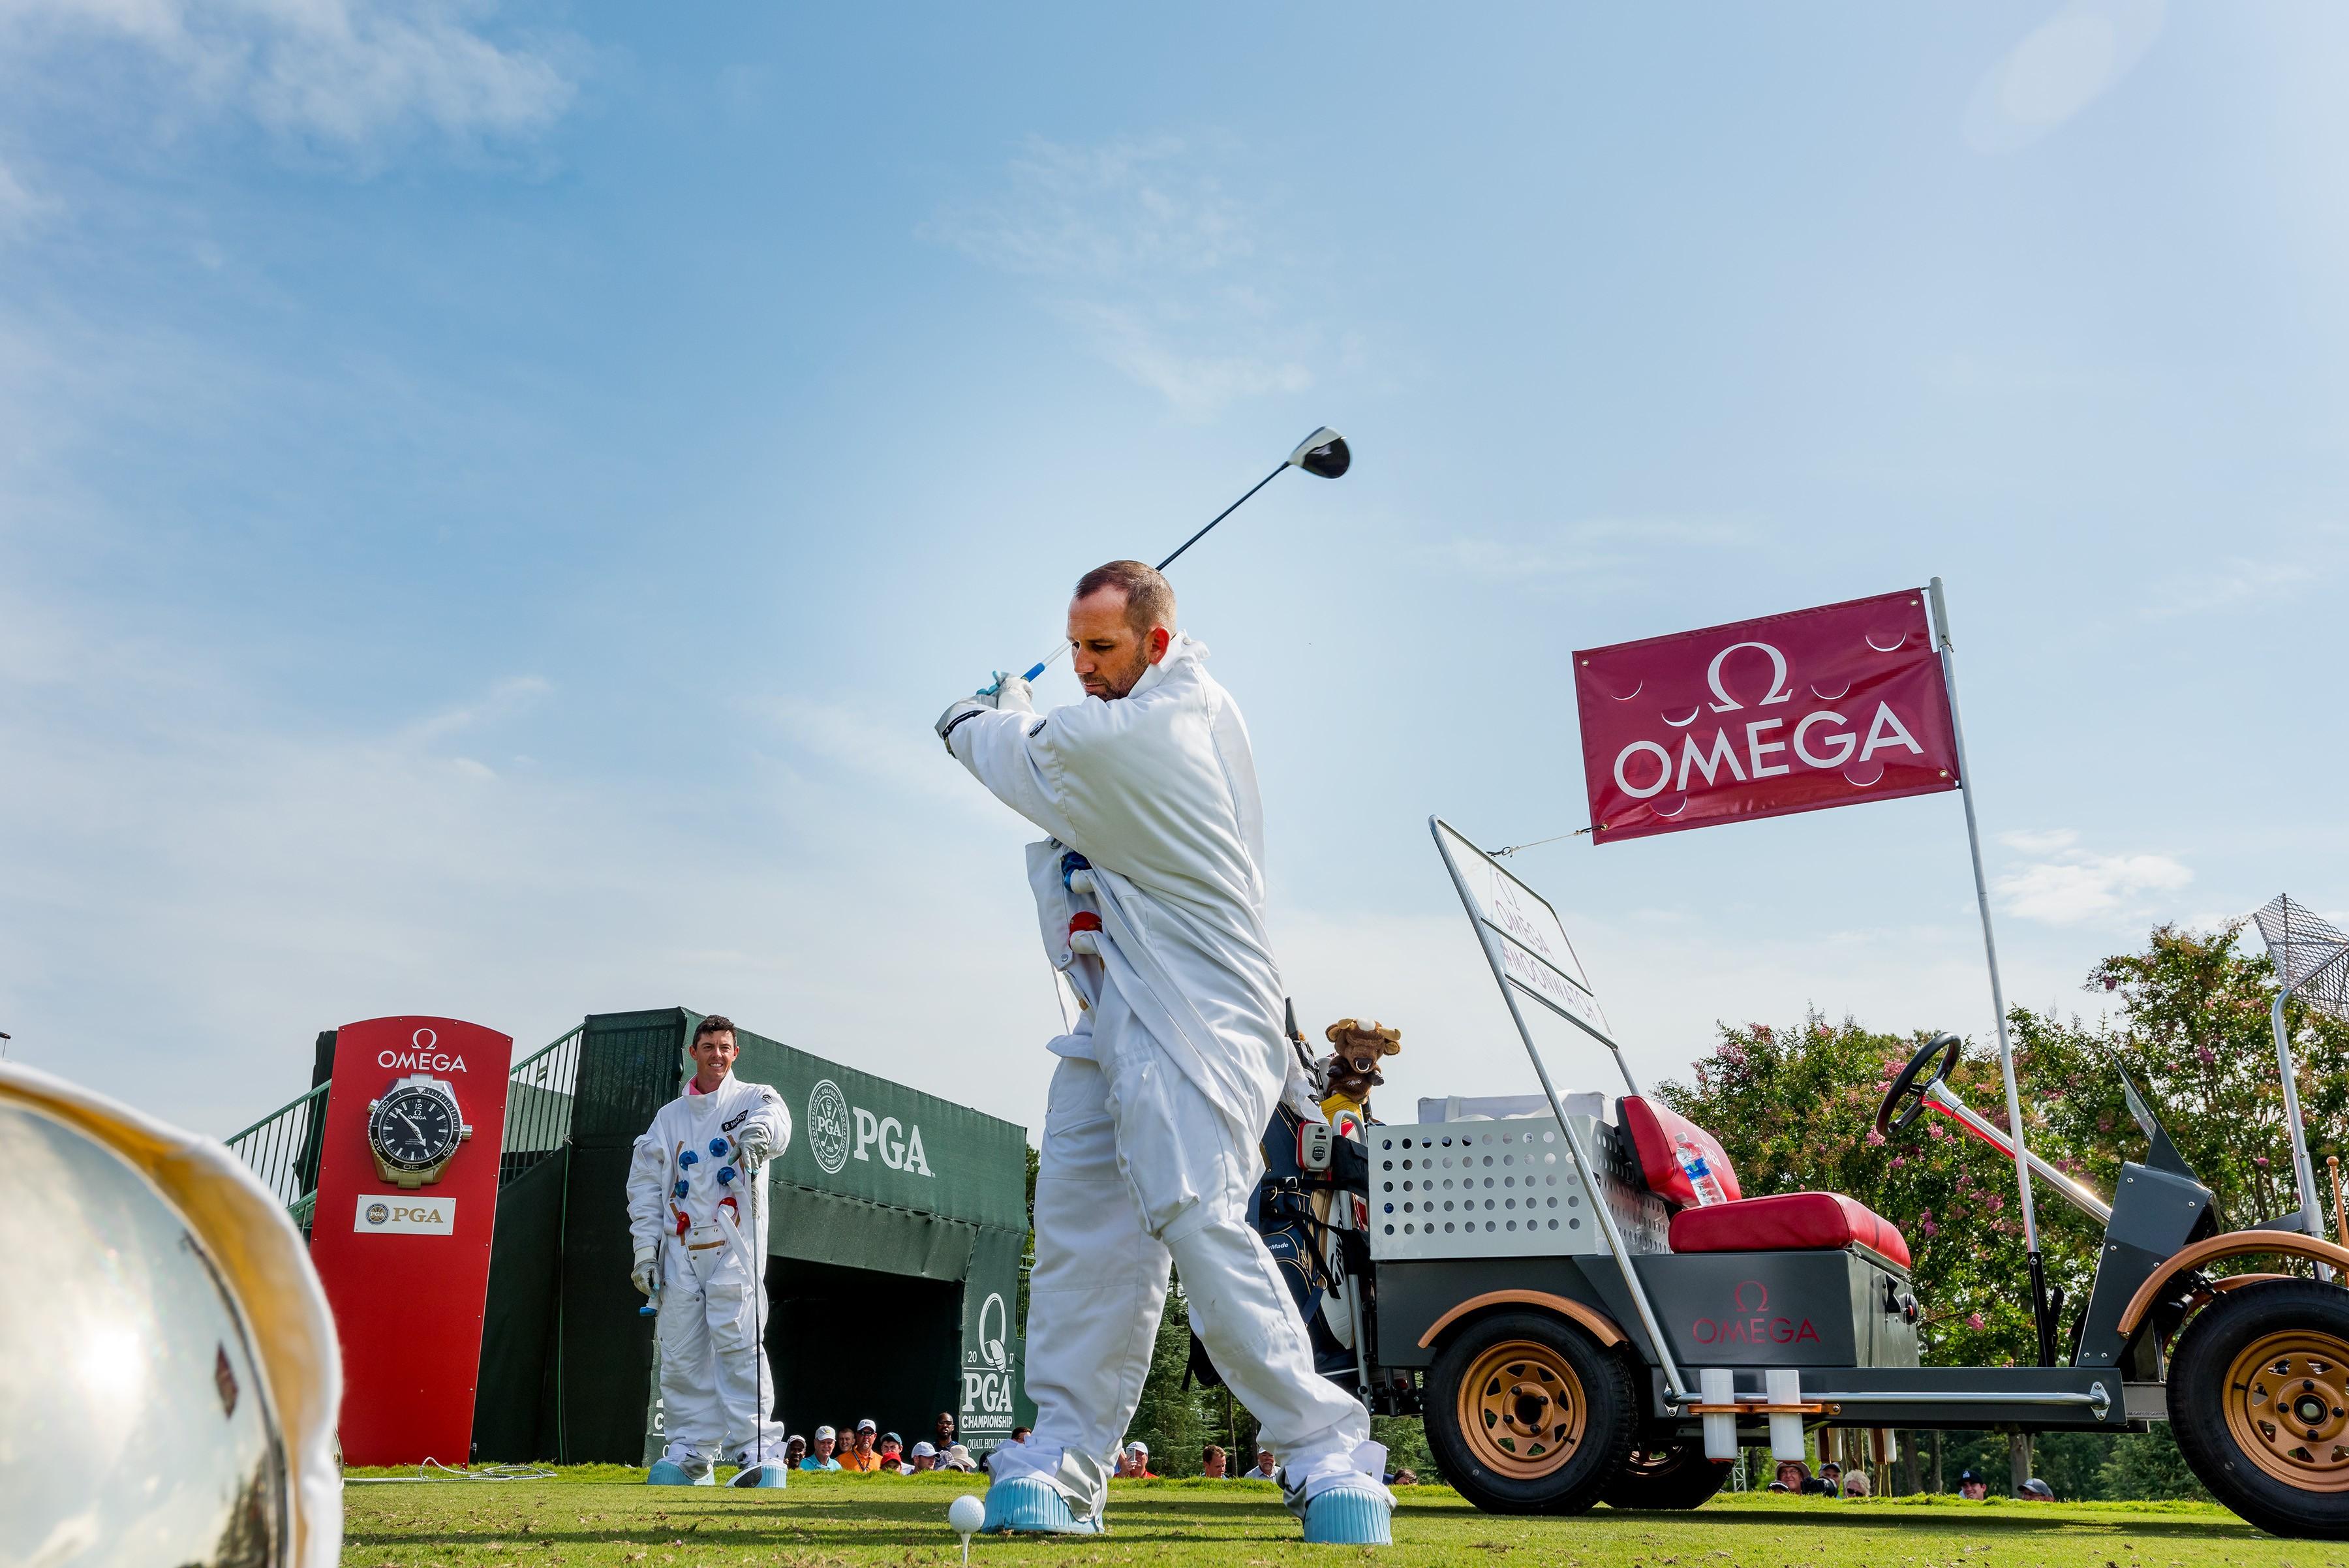 Sergio Garcia dá sua tacada durante a ação da Omega no PGA das Américas (Foto: Divulgação)